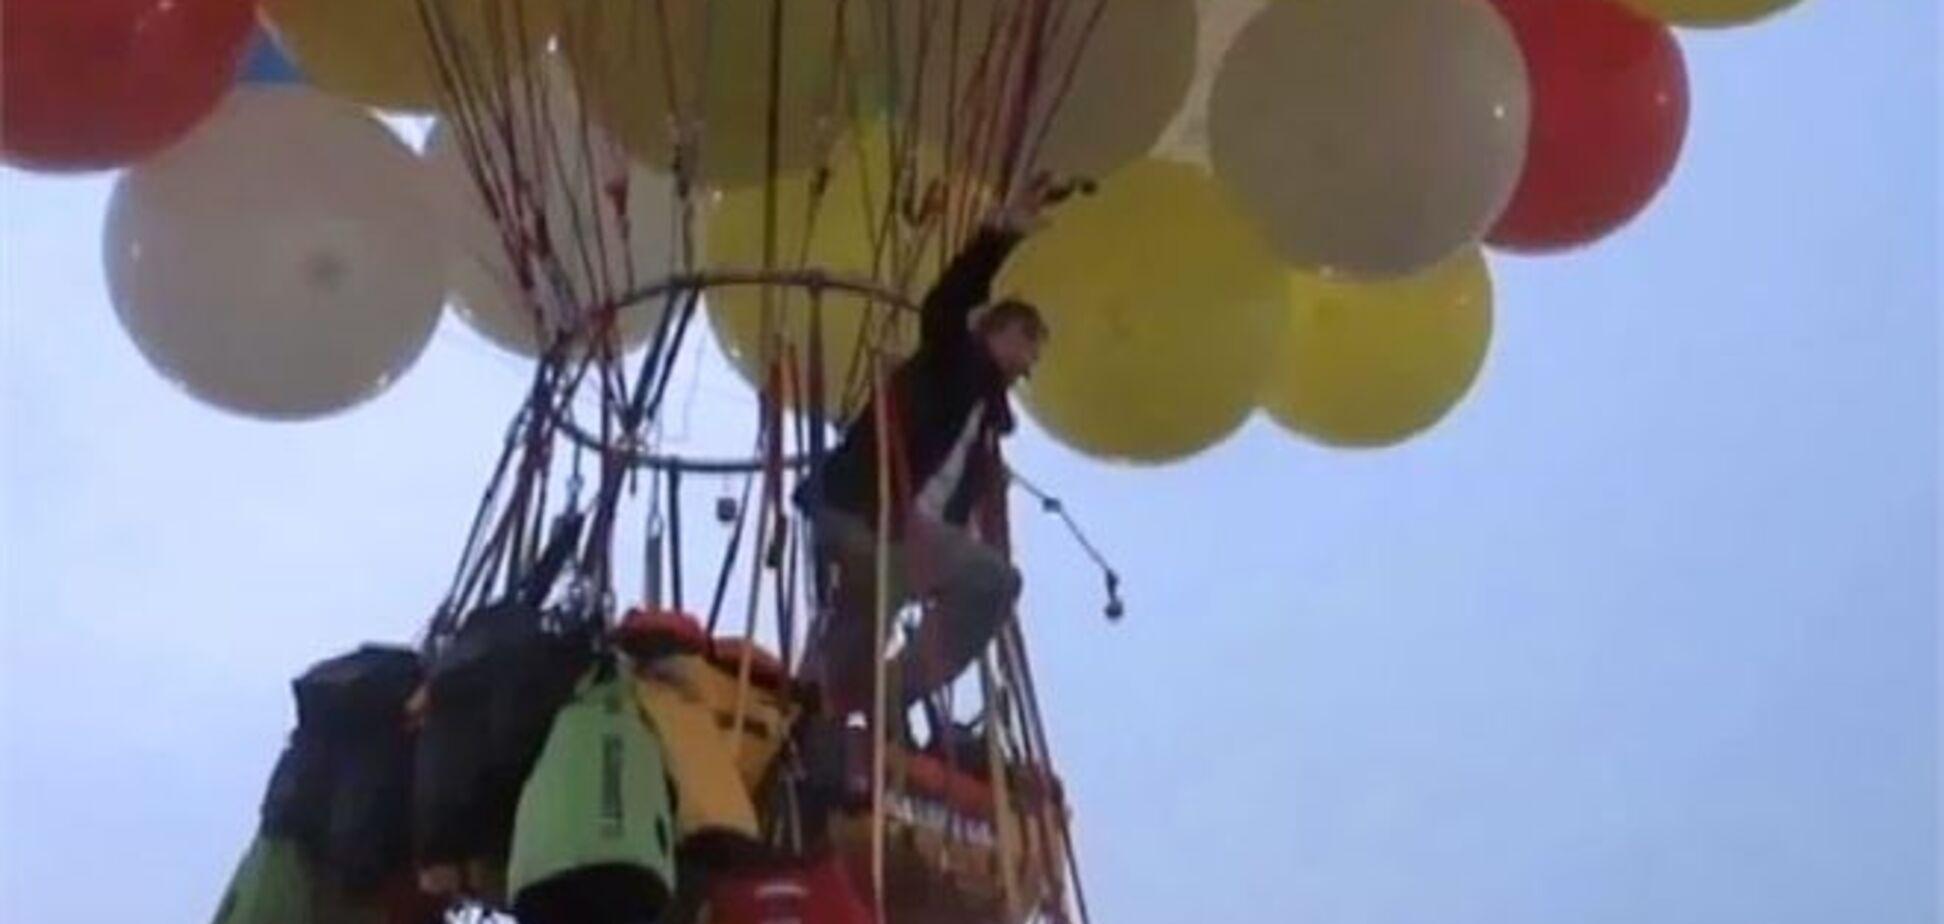 Переліт через Атлантику на повітряних кульках перервався через 12 годин